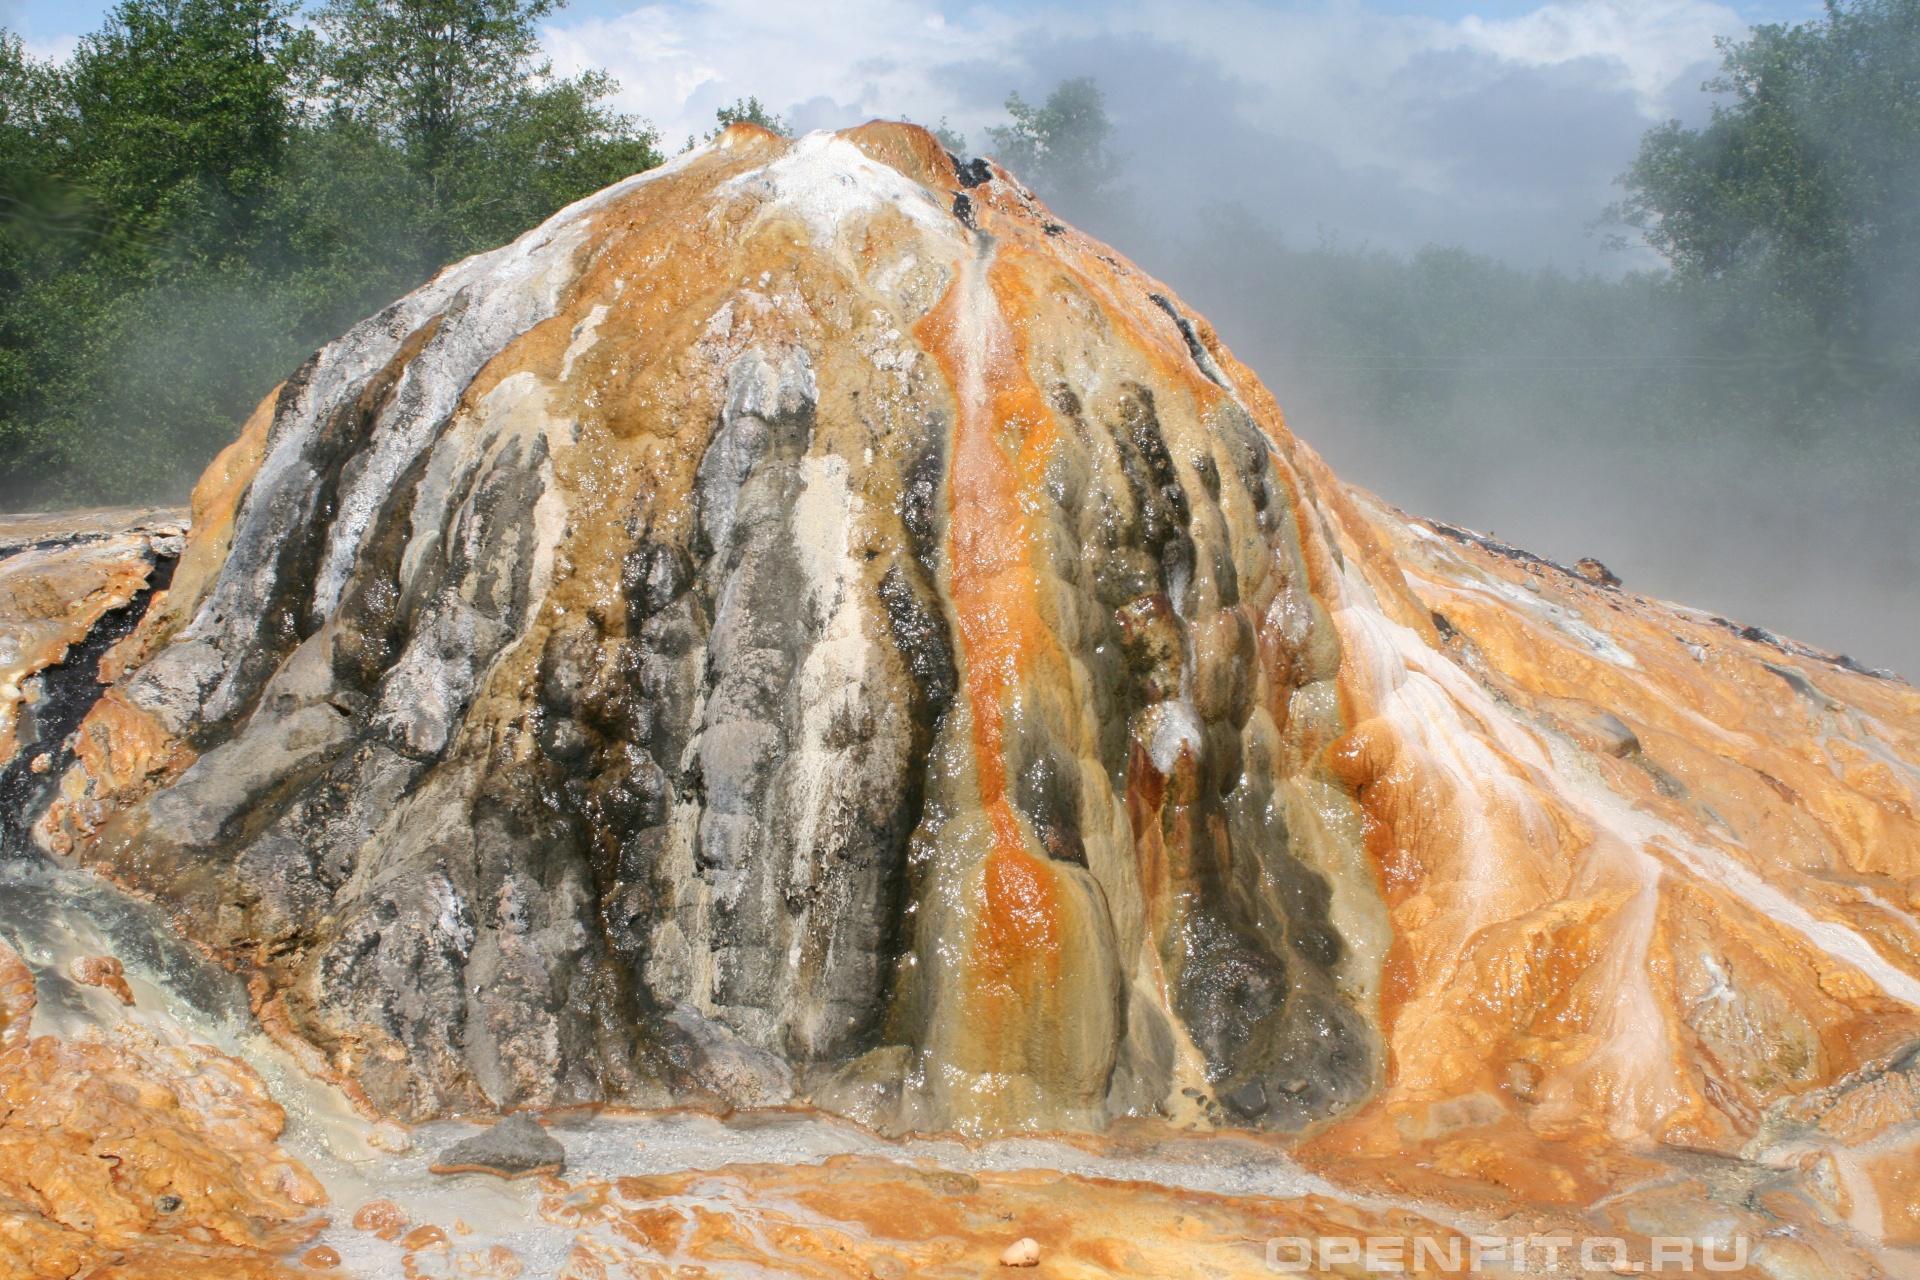 Серный термальный источник Сухумский район, Абхазия